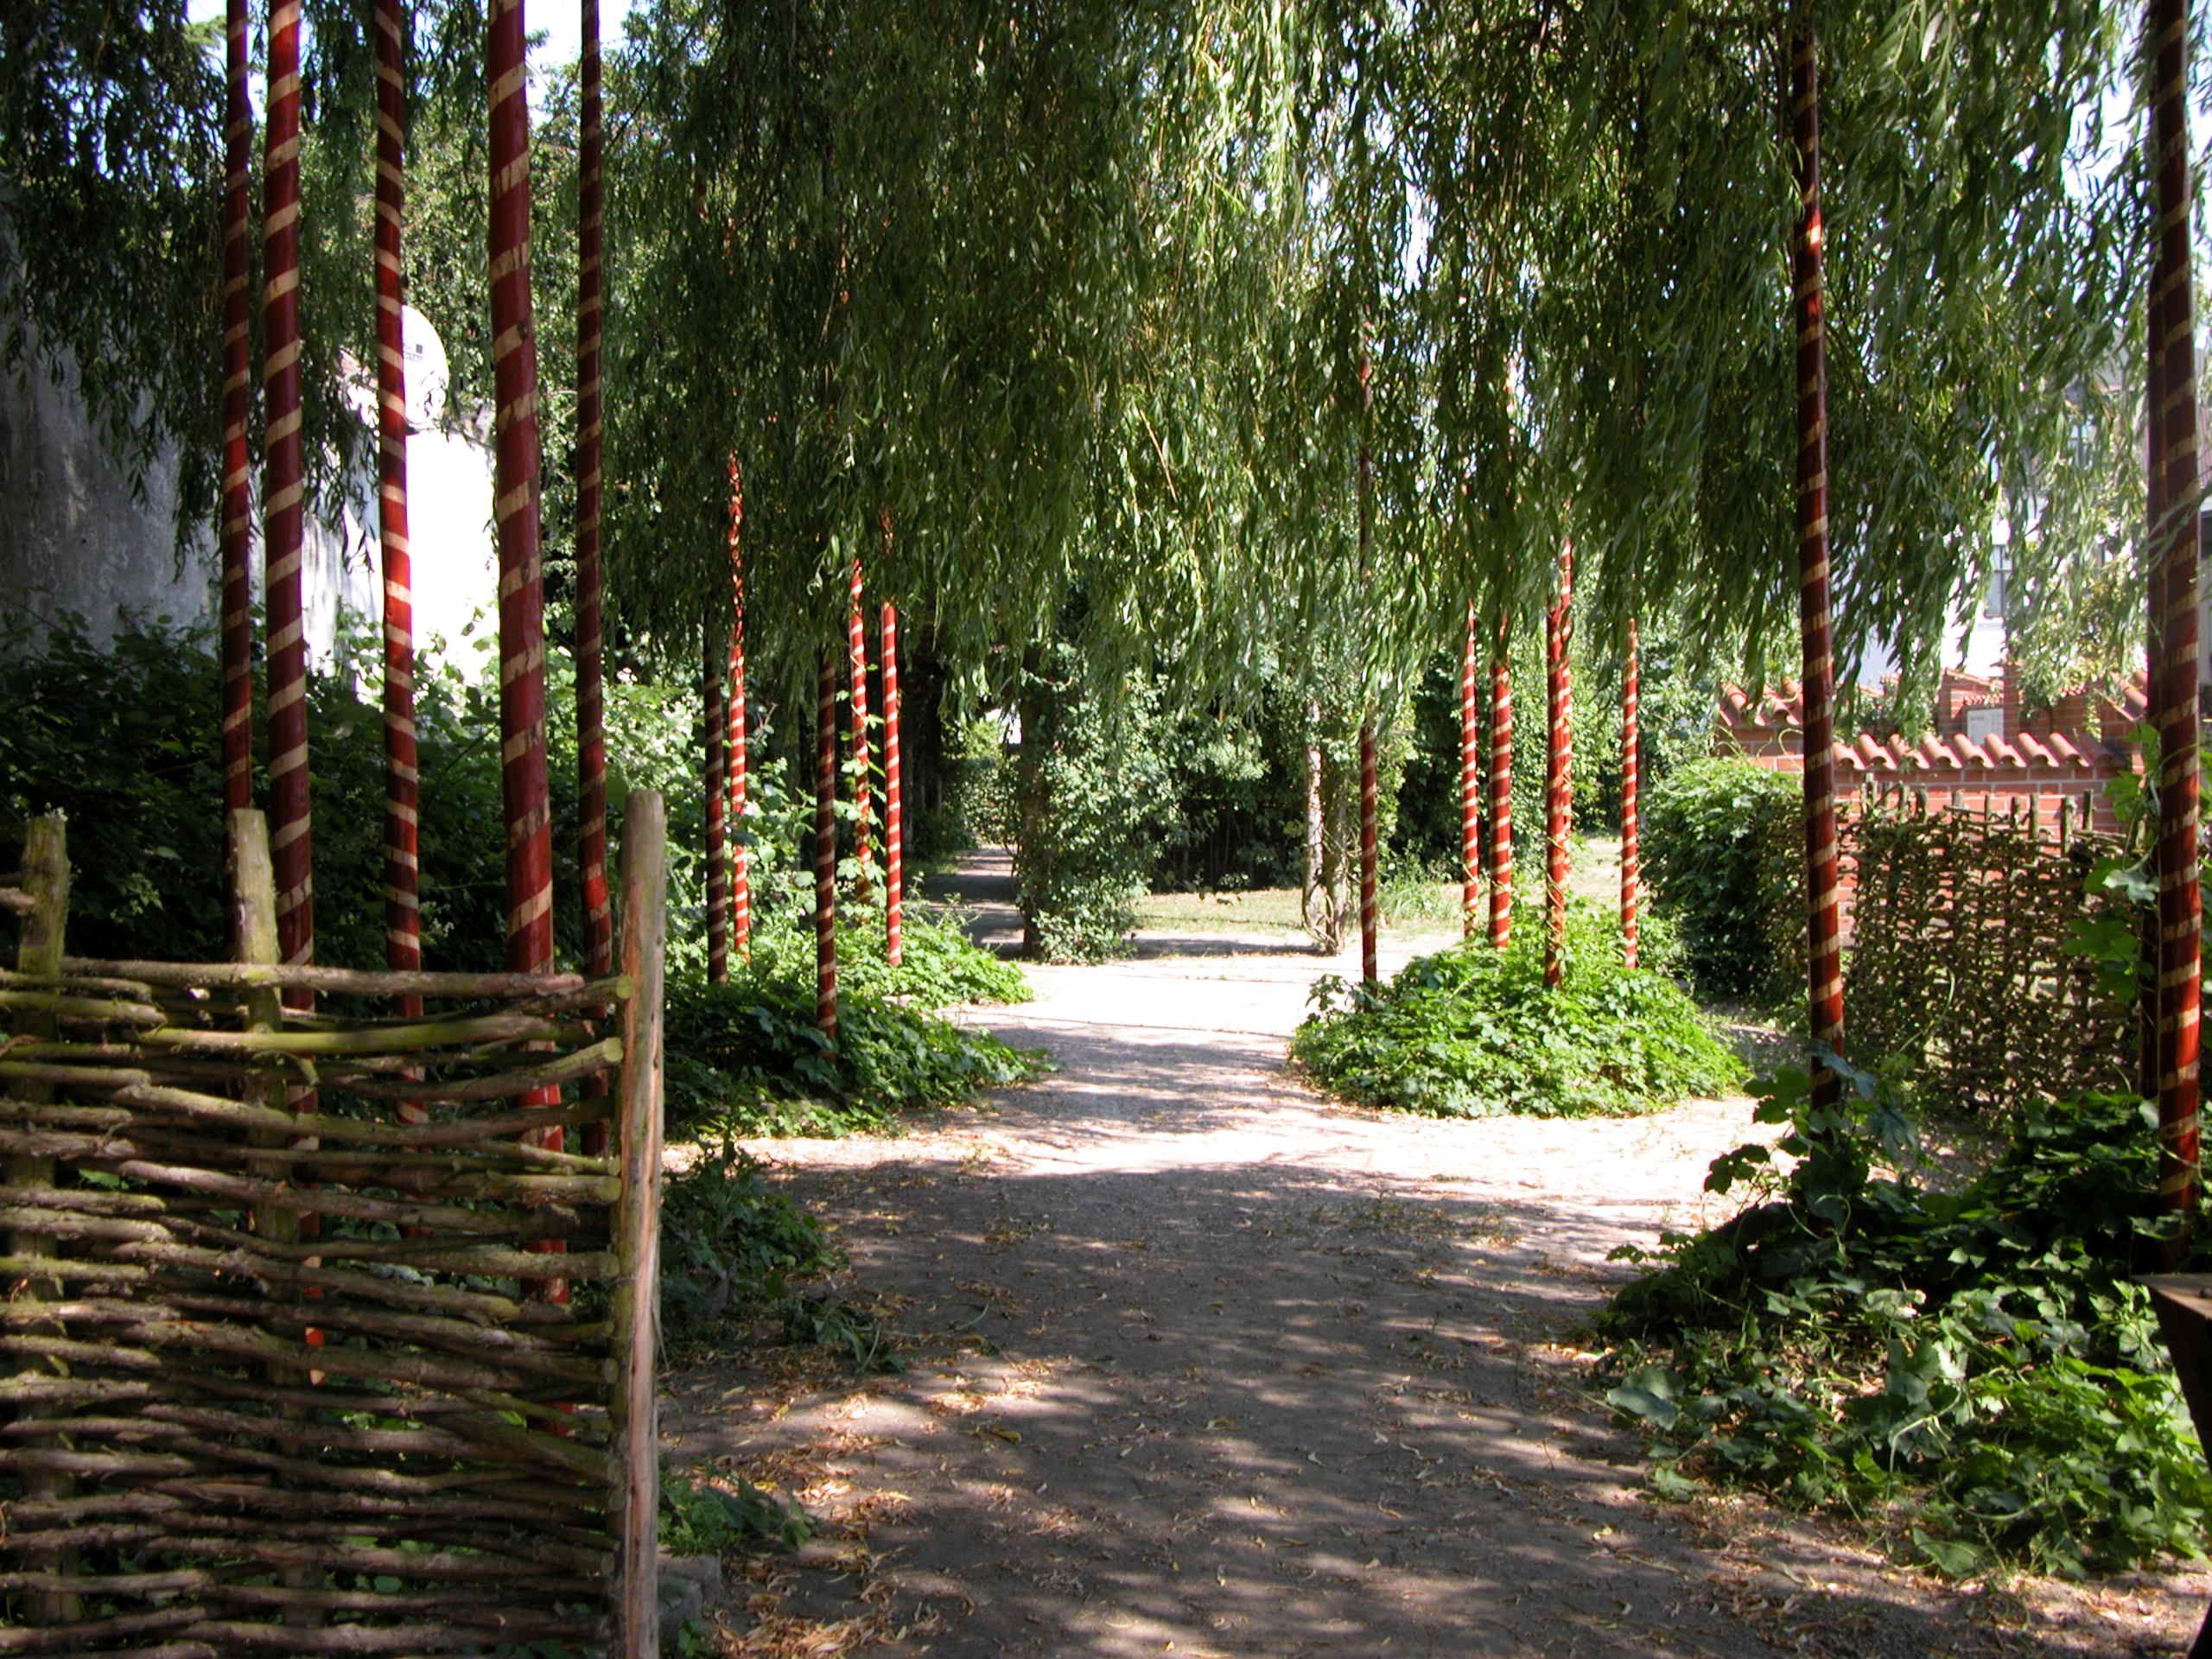 Det här är en härlig oas, som gjord för att vila fötter och själ en stund i!